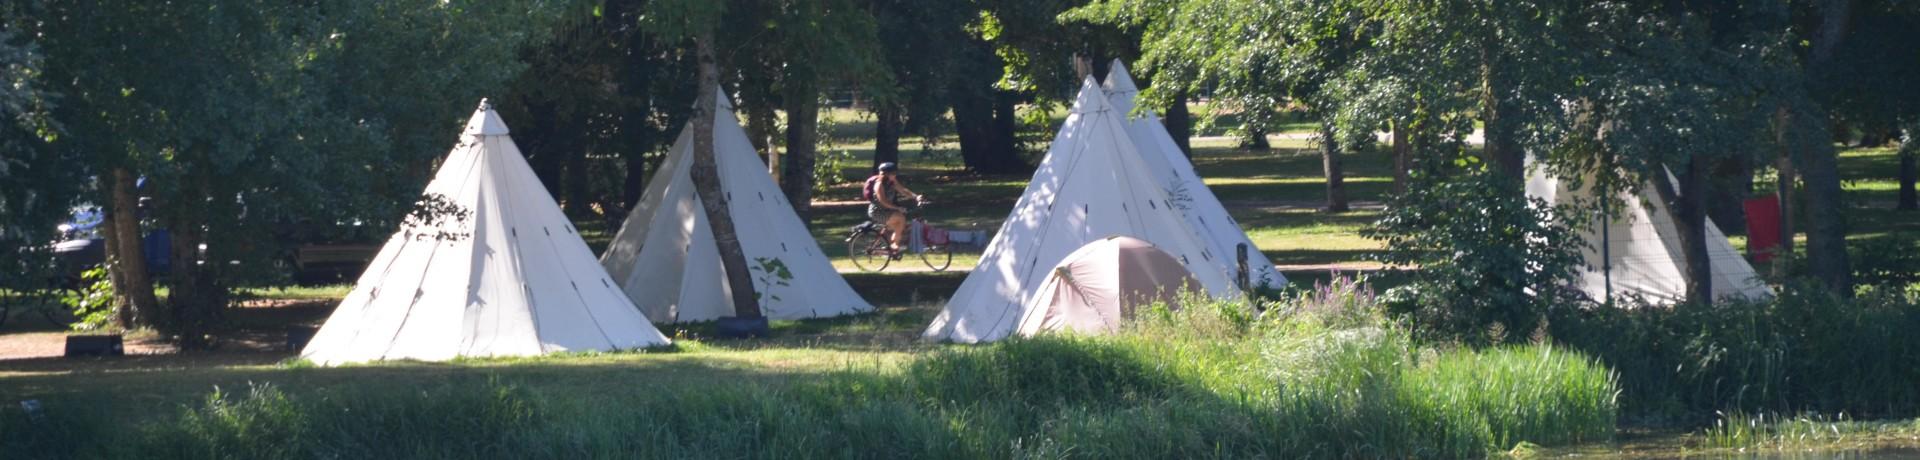 Camping des Halles is een natuurcamping in de omgeving van Décize, Nièvre in Bourgogne gelegen aan een rivier.